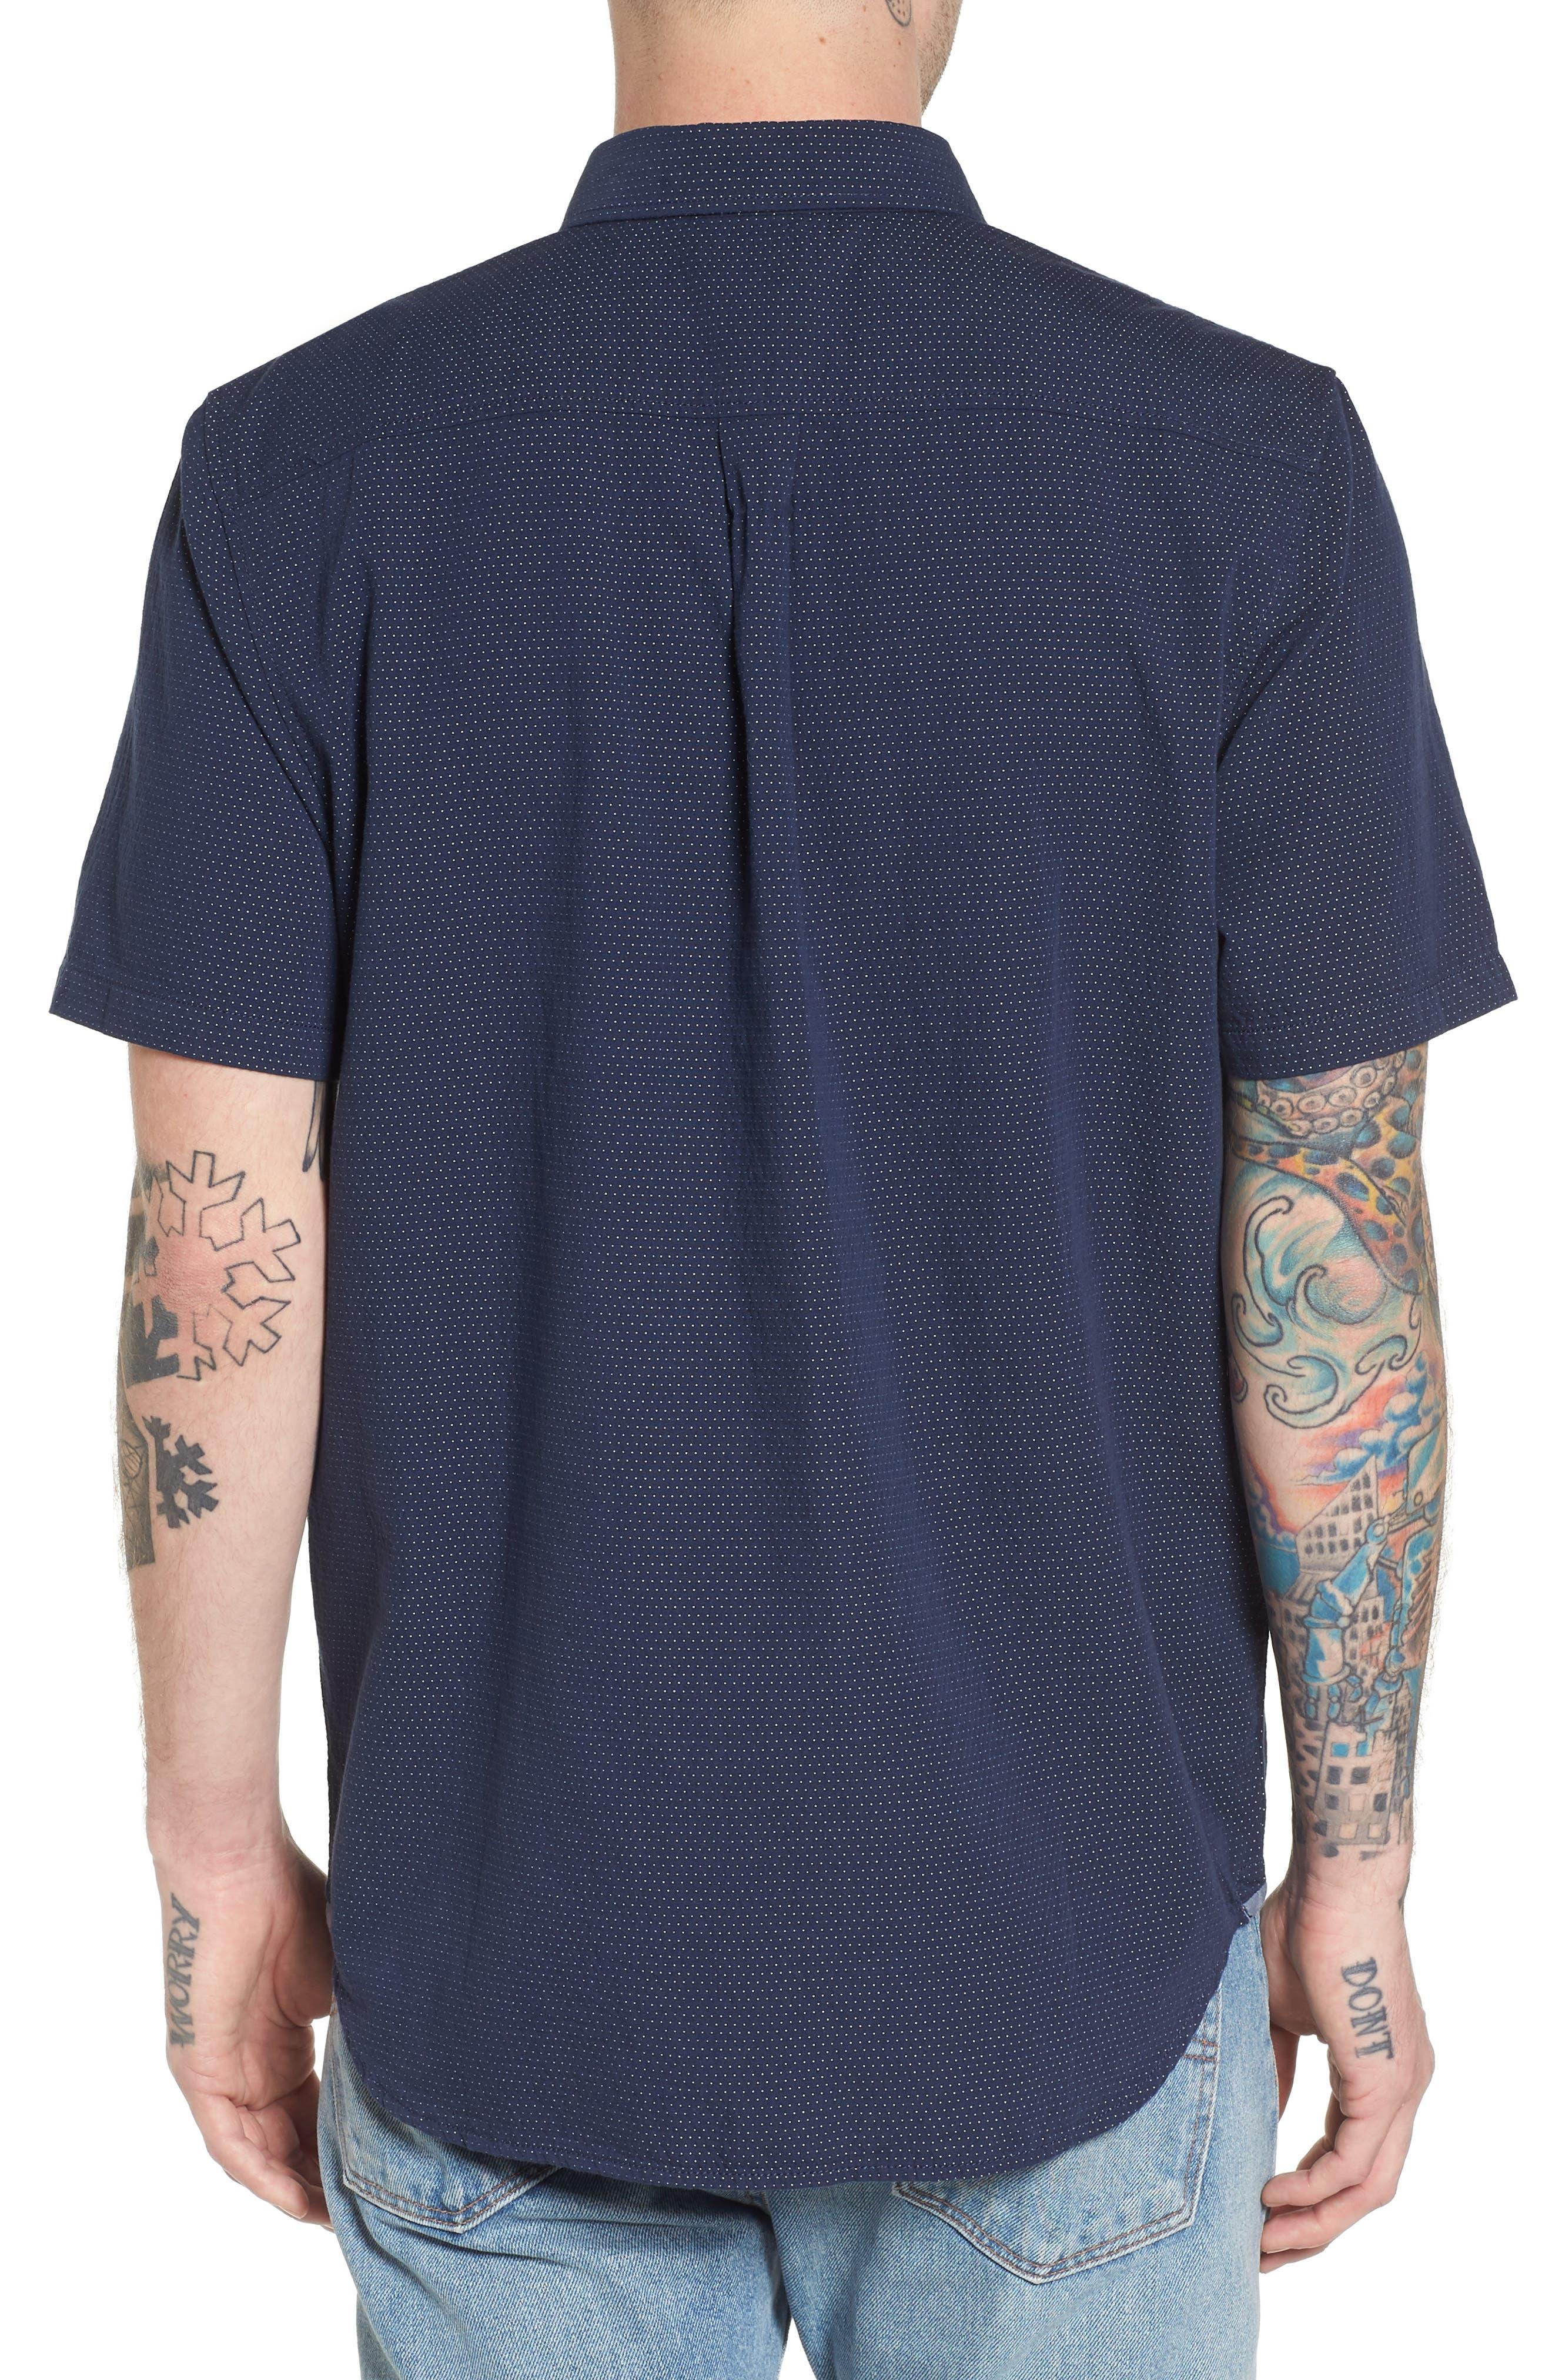 Giddings Short Sleeve Shirt,                             Alternate thumbnail 2, color,                             401